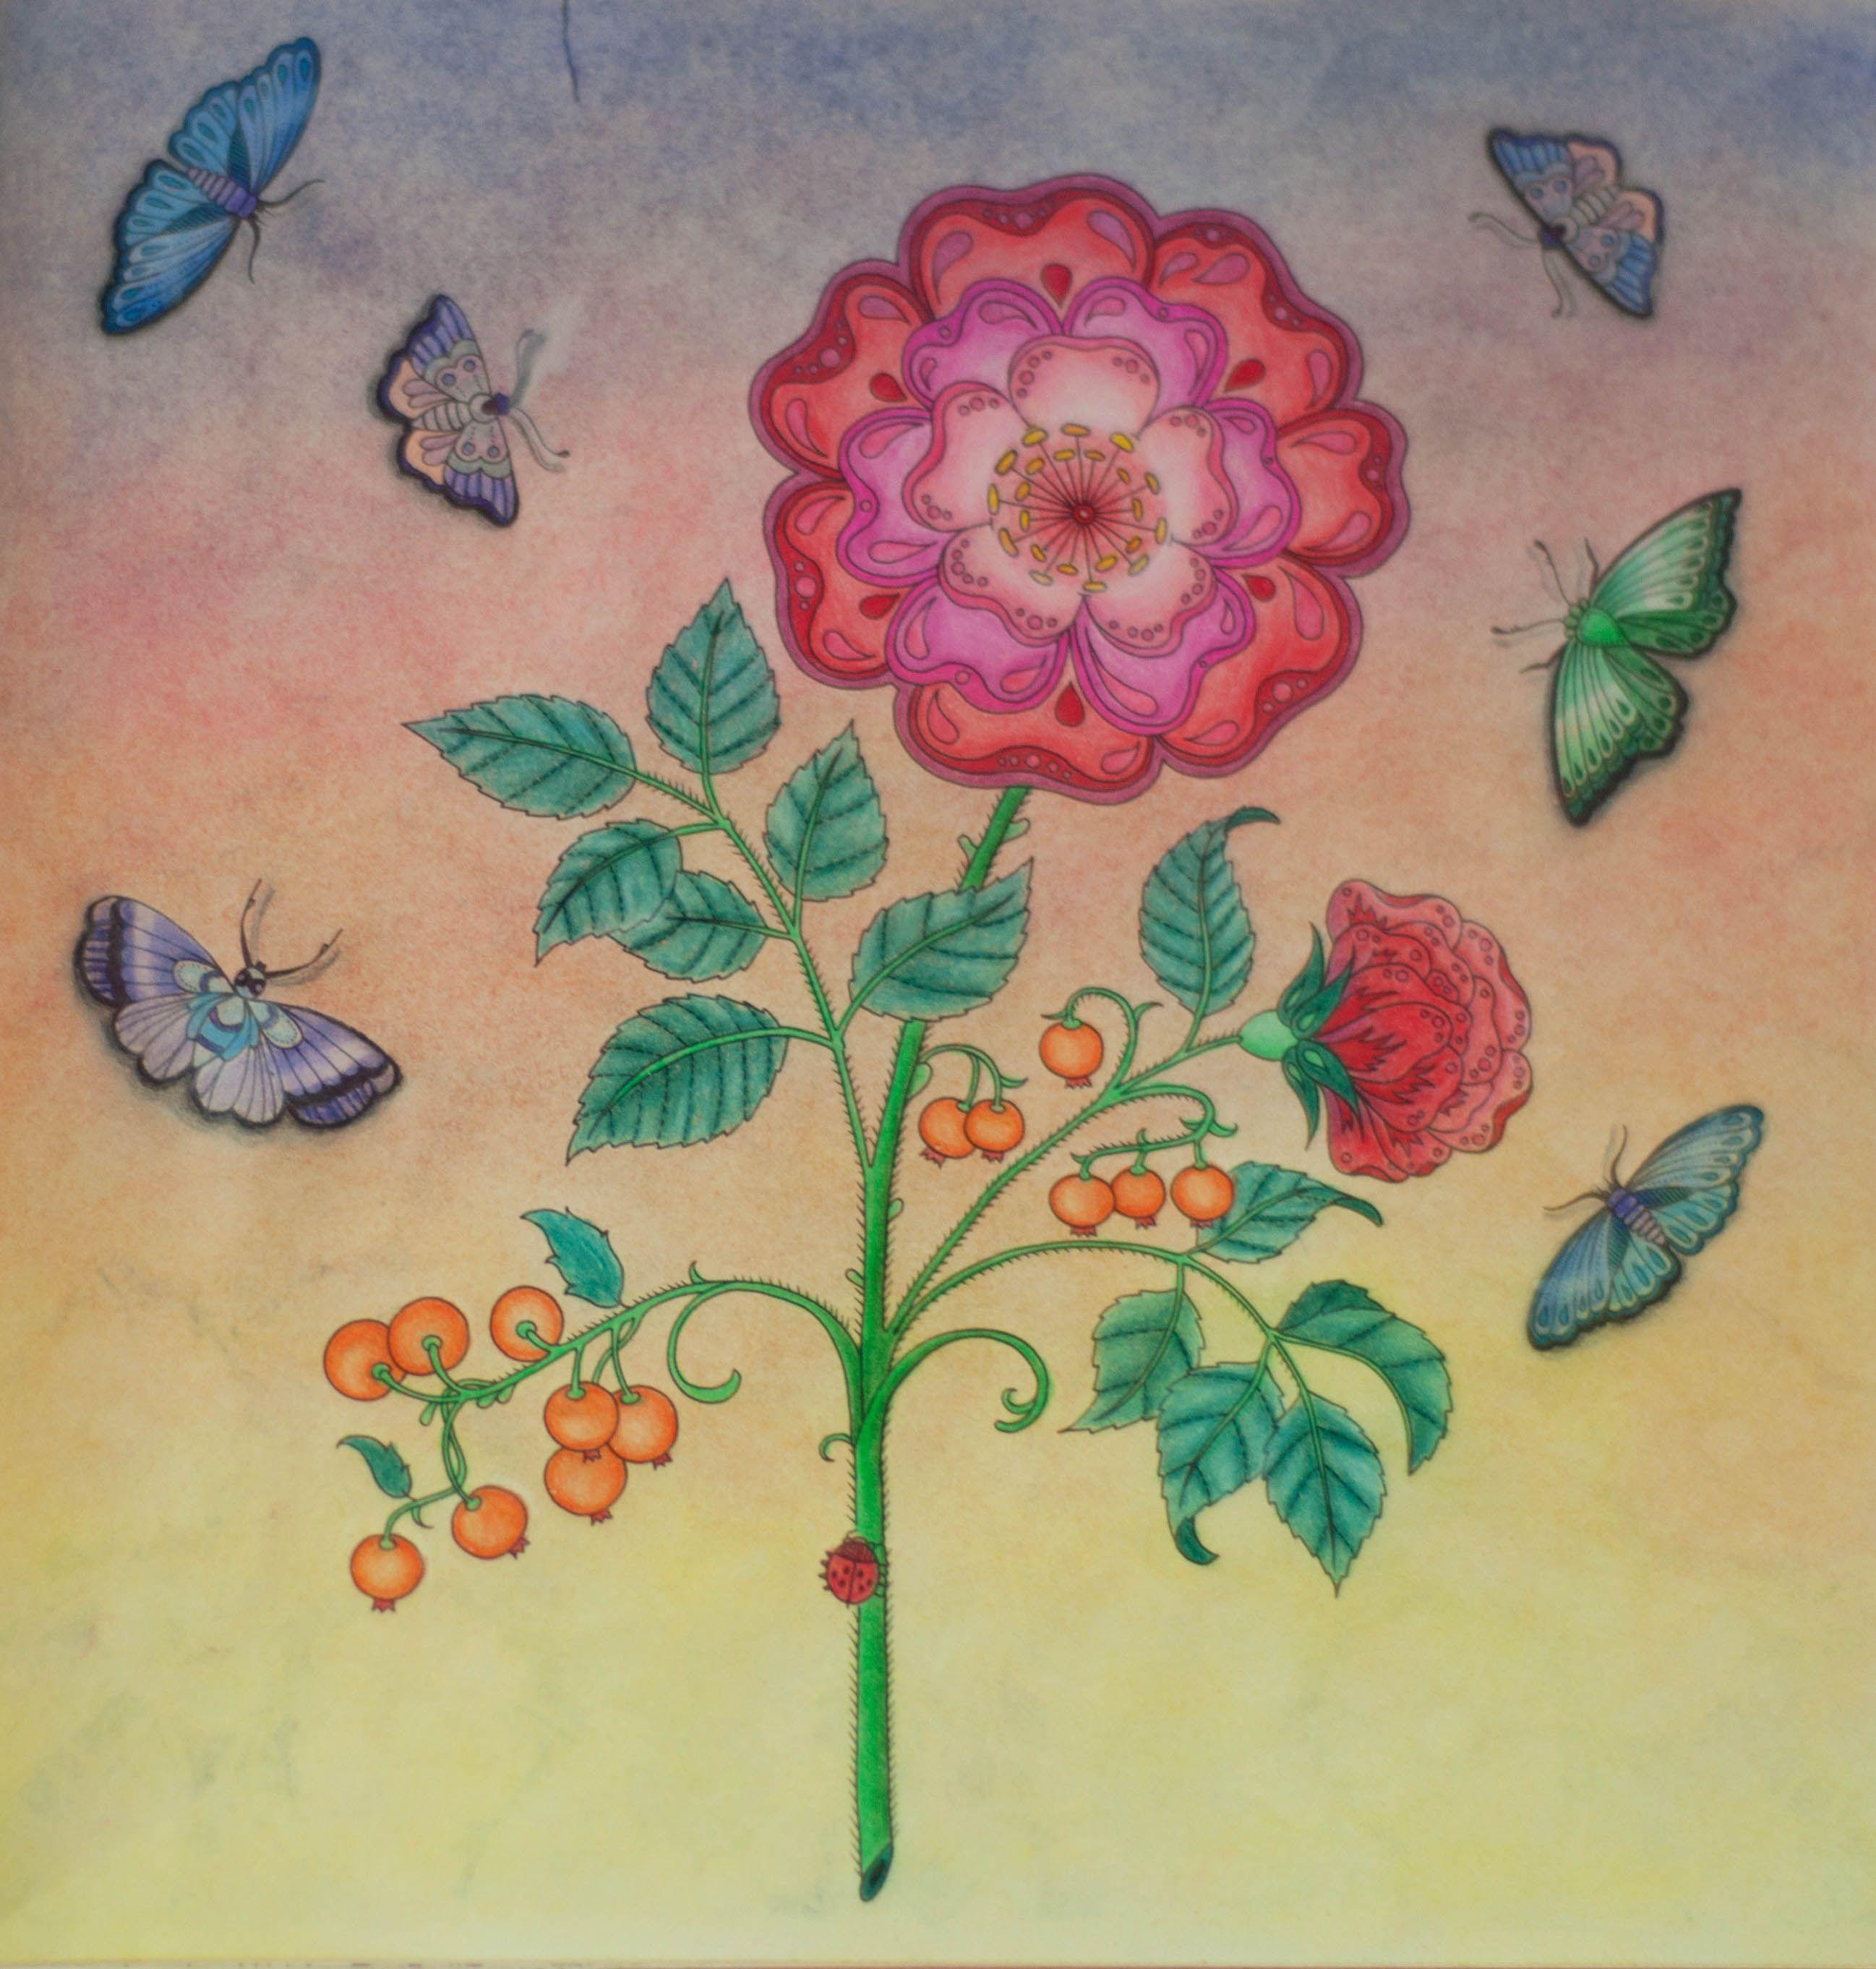 Paginas Inspiradoras Dos Livros Jardim Secreto Floresta Encantada E Outros De Colorir Para Adultos